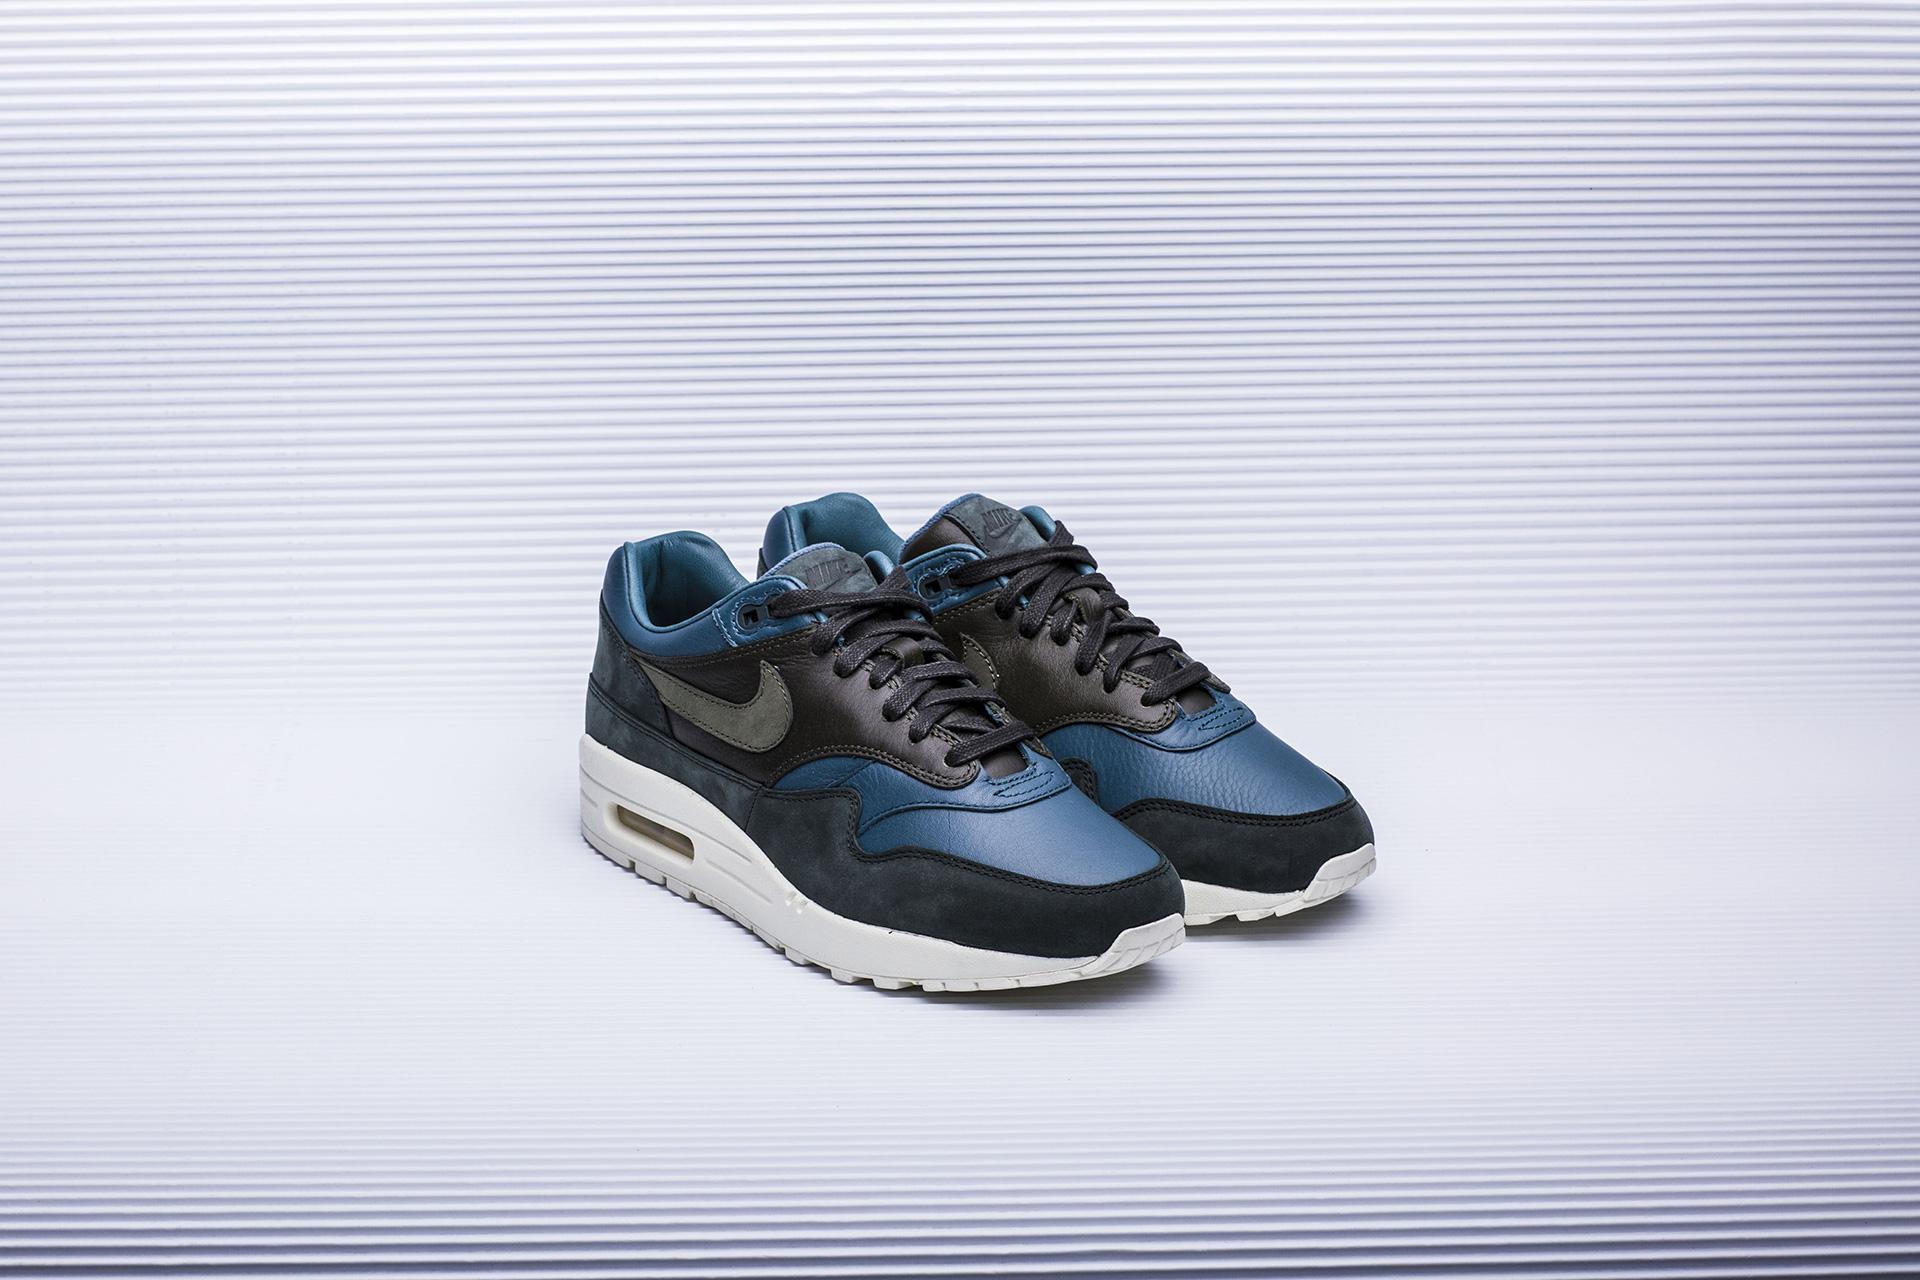 1fc45659 Купить синие мужские кроссовки Lab Air Max 1 Pinnacle от Nike ...